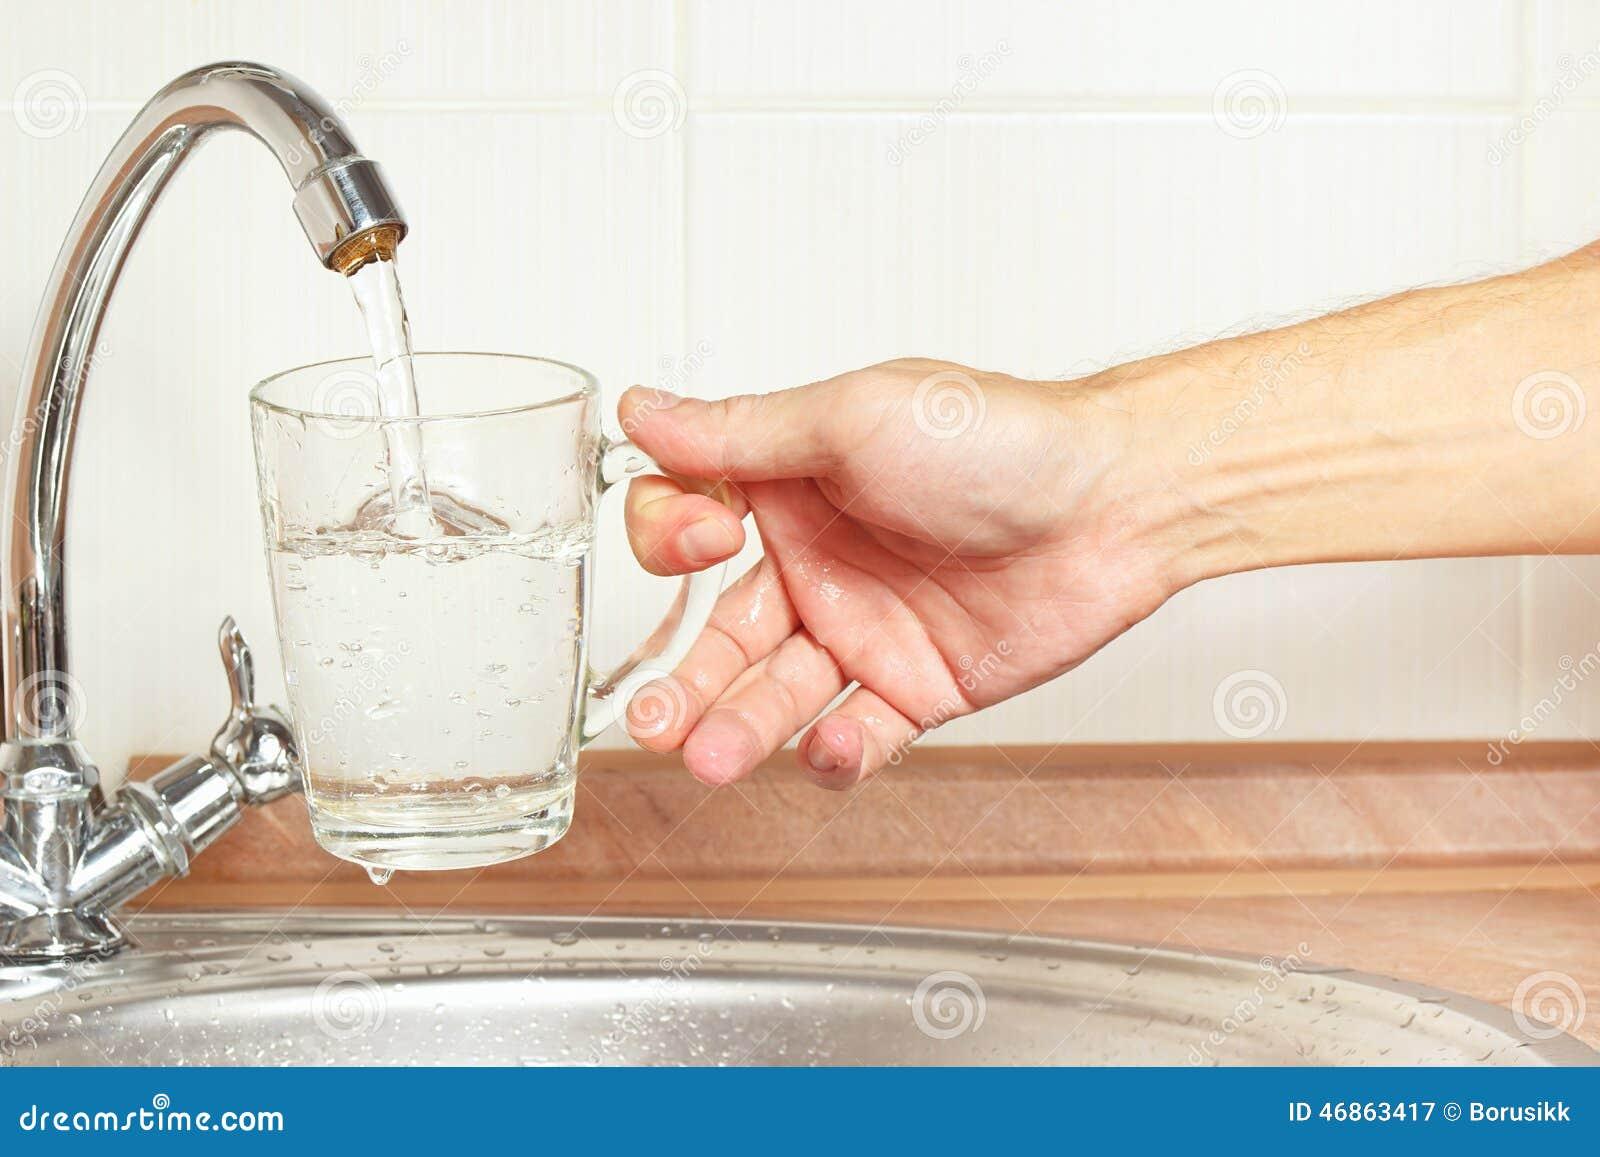 De handen gieten water in het glas onder de kraan in keuken stock